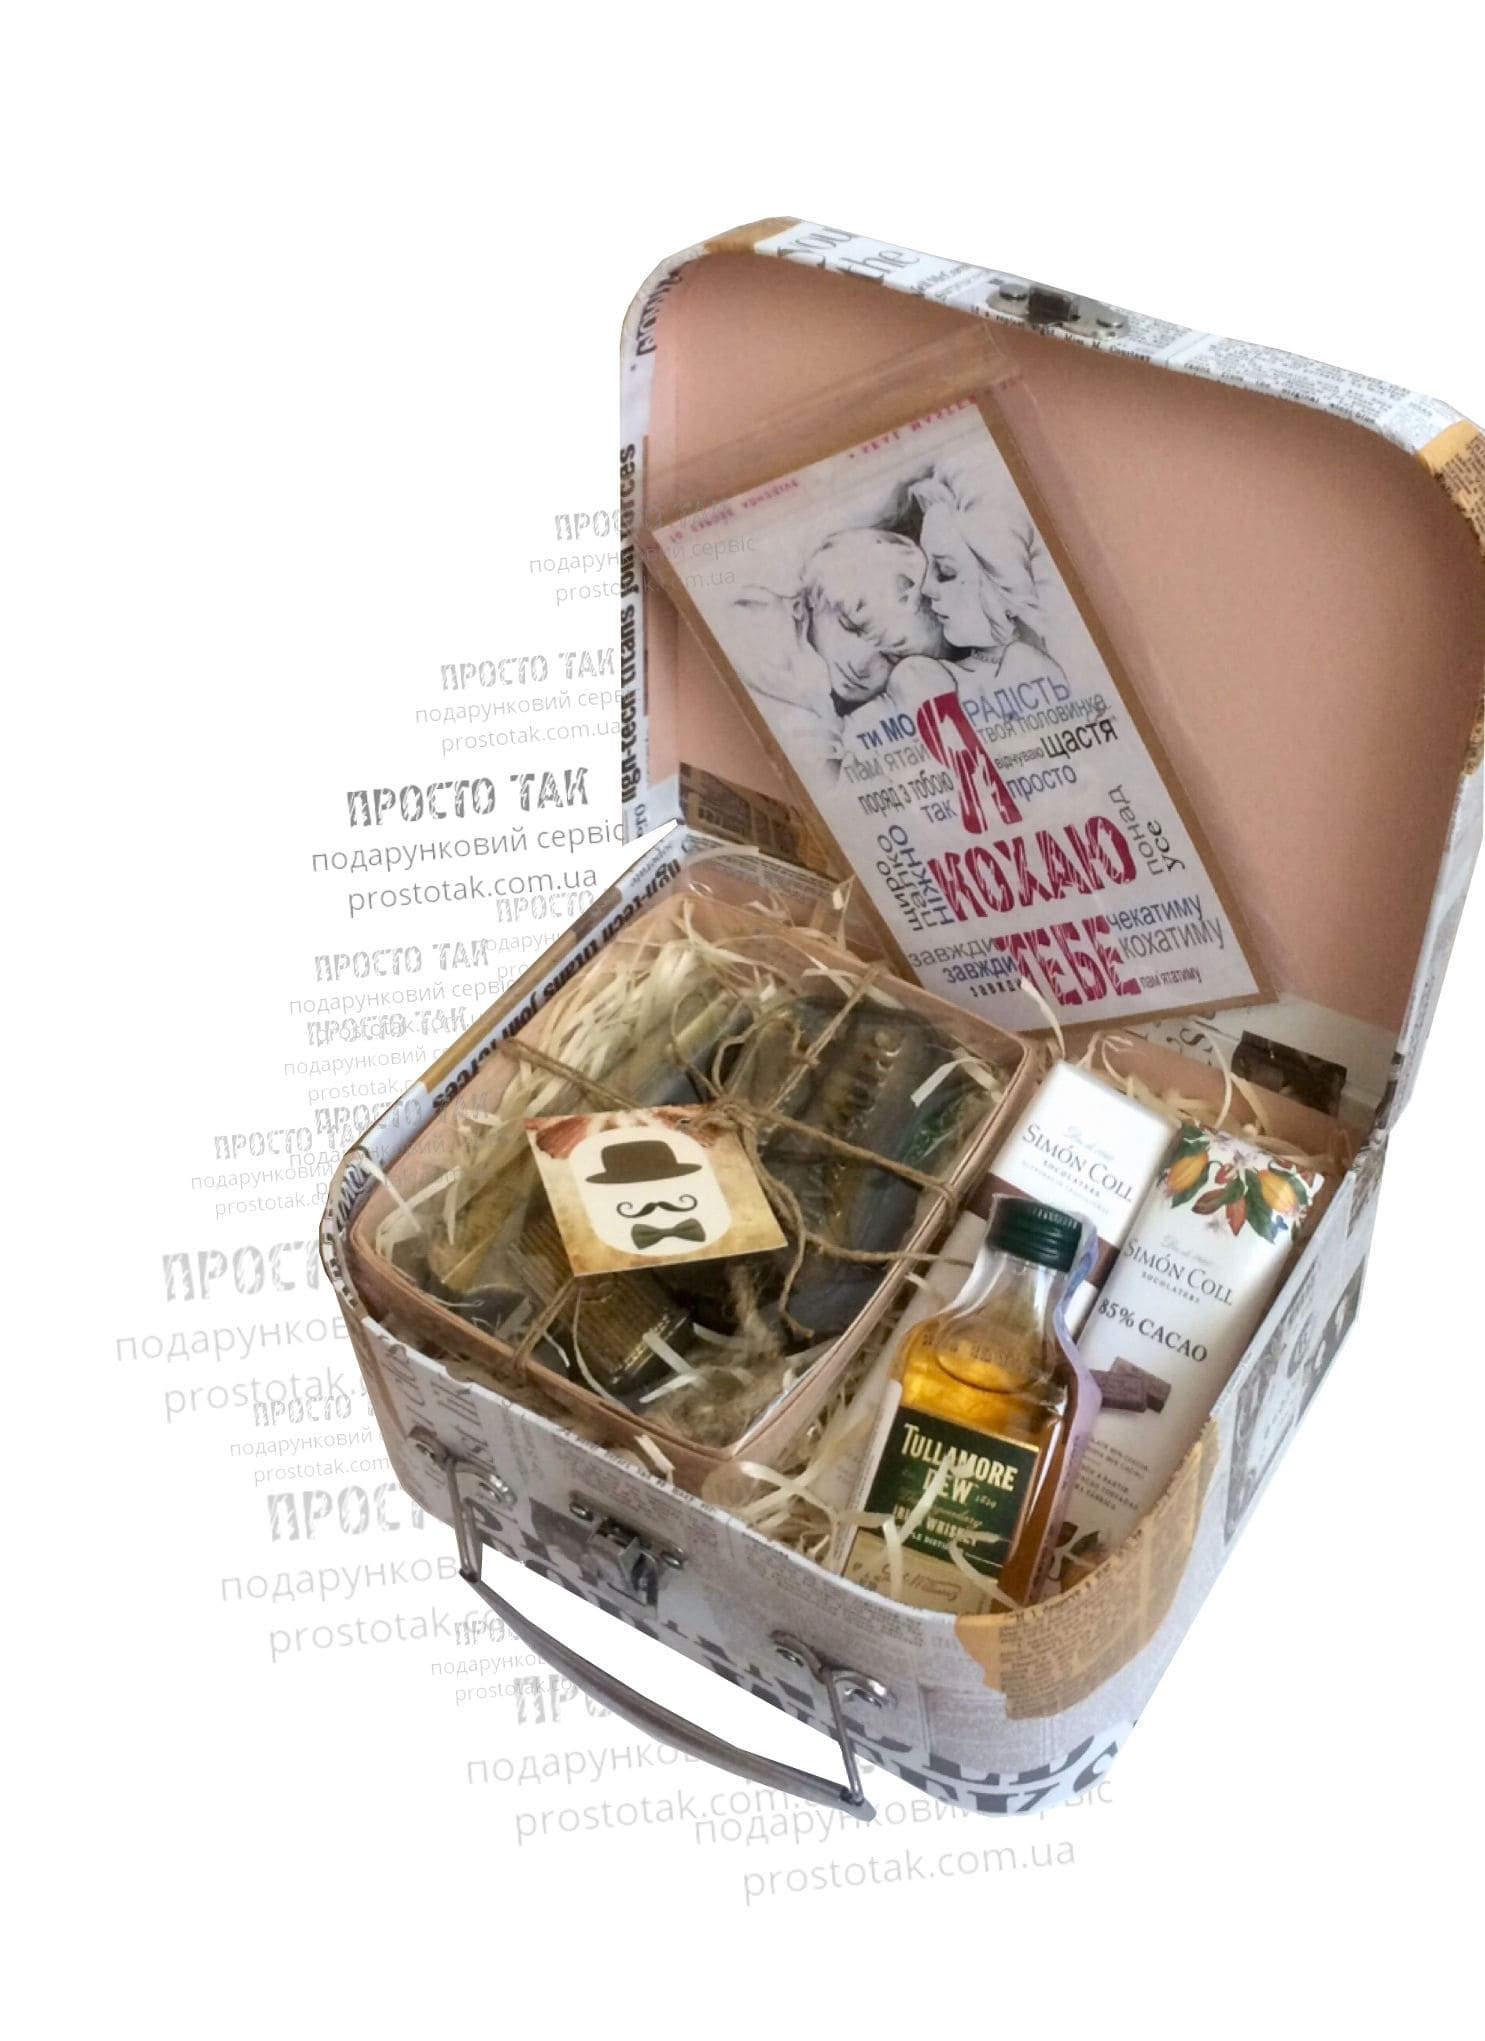 Подарунковий набір в коробці валіза (ГАЗЕТА) для чоловіка 180118dcd297b